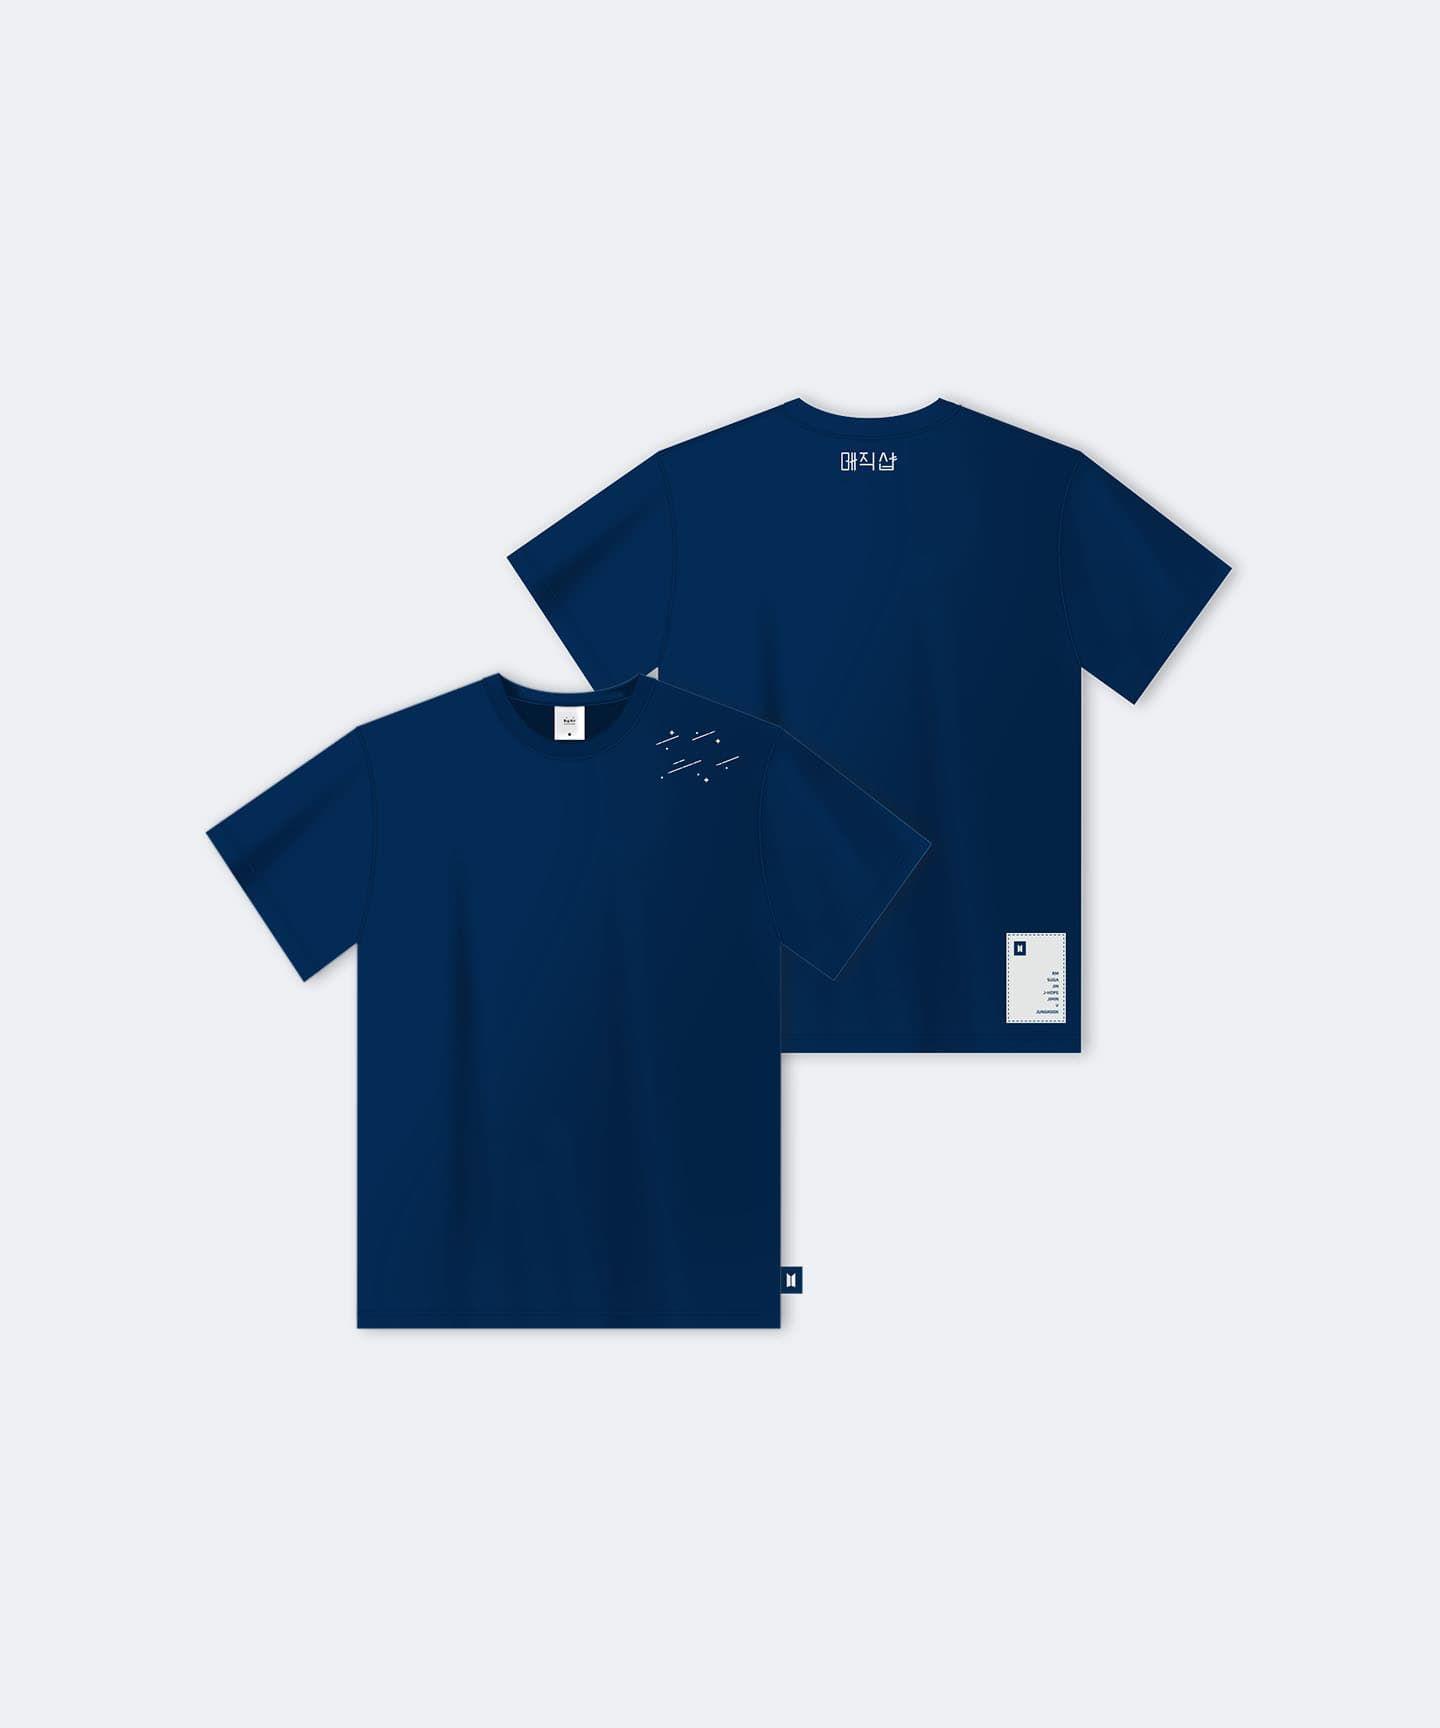 T-shirt Navy | Shirts, T shirt, Bts merch